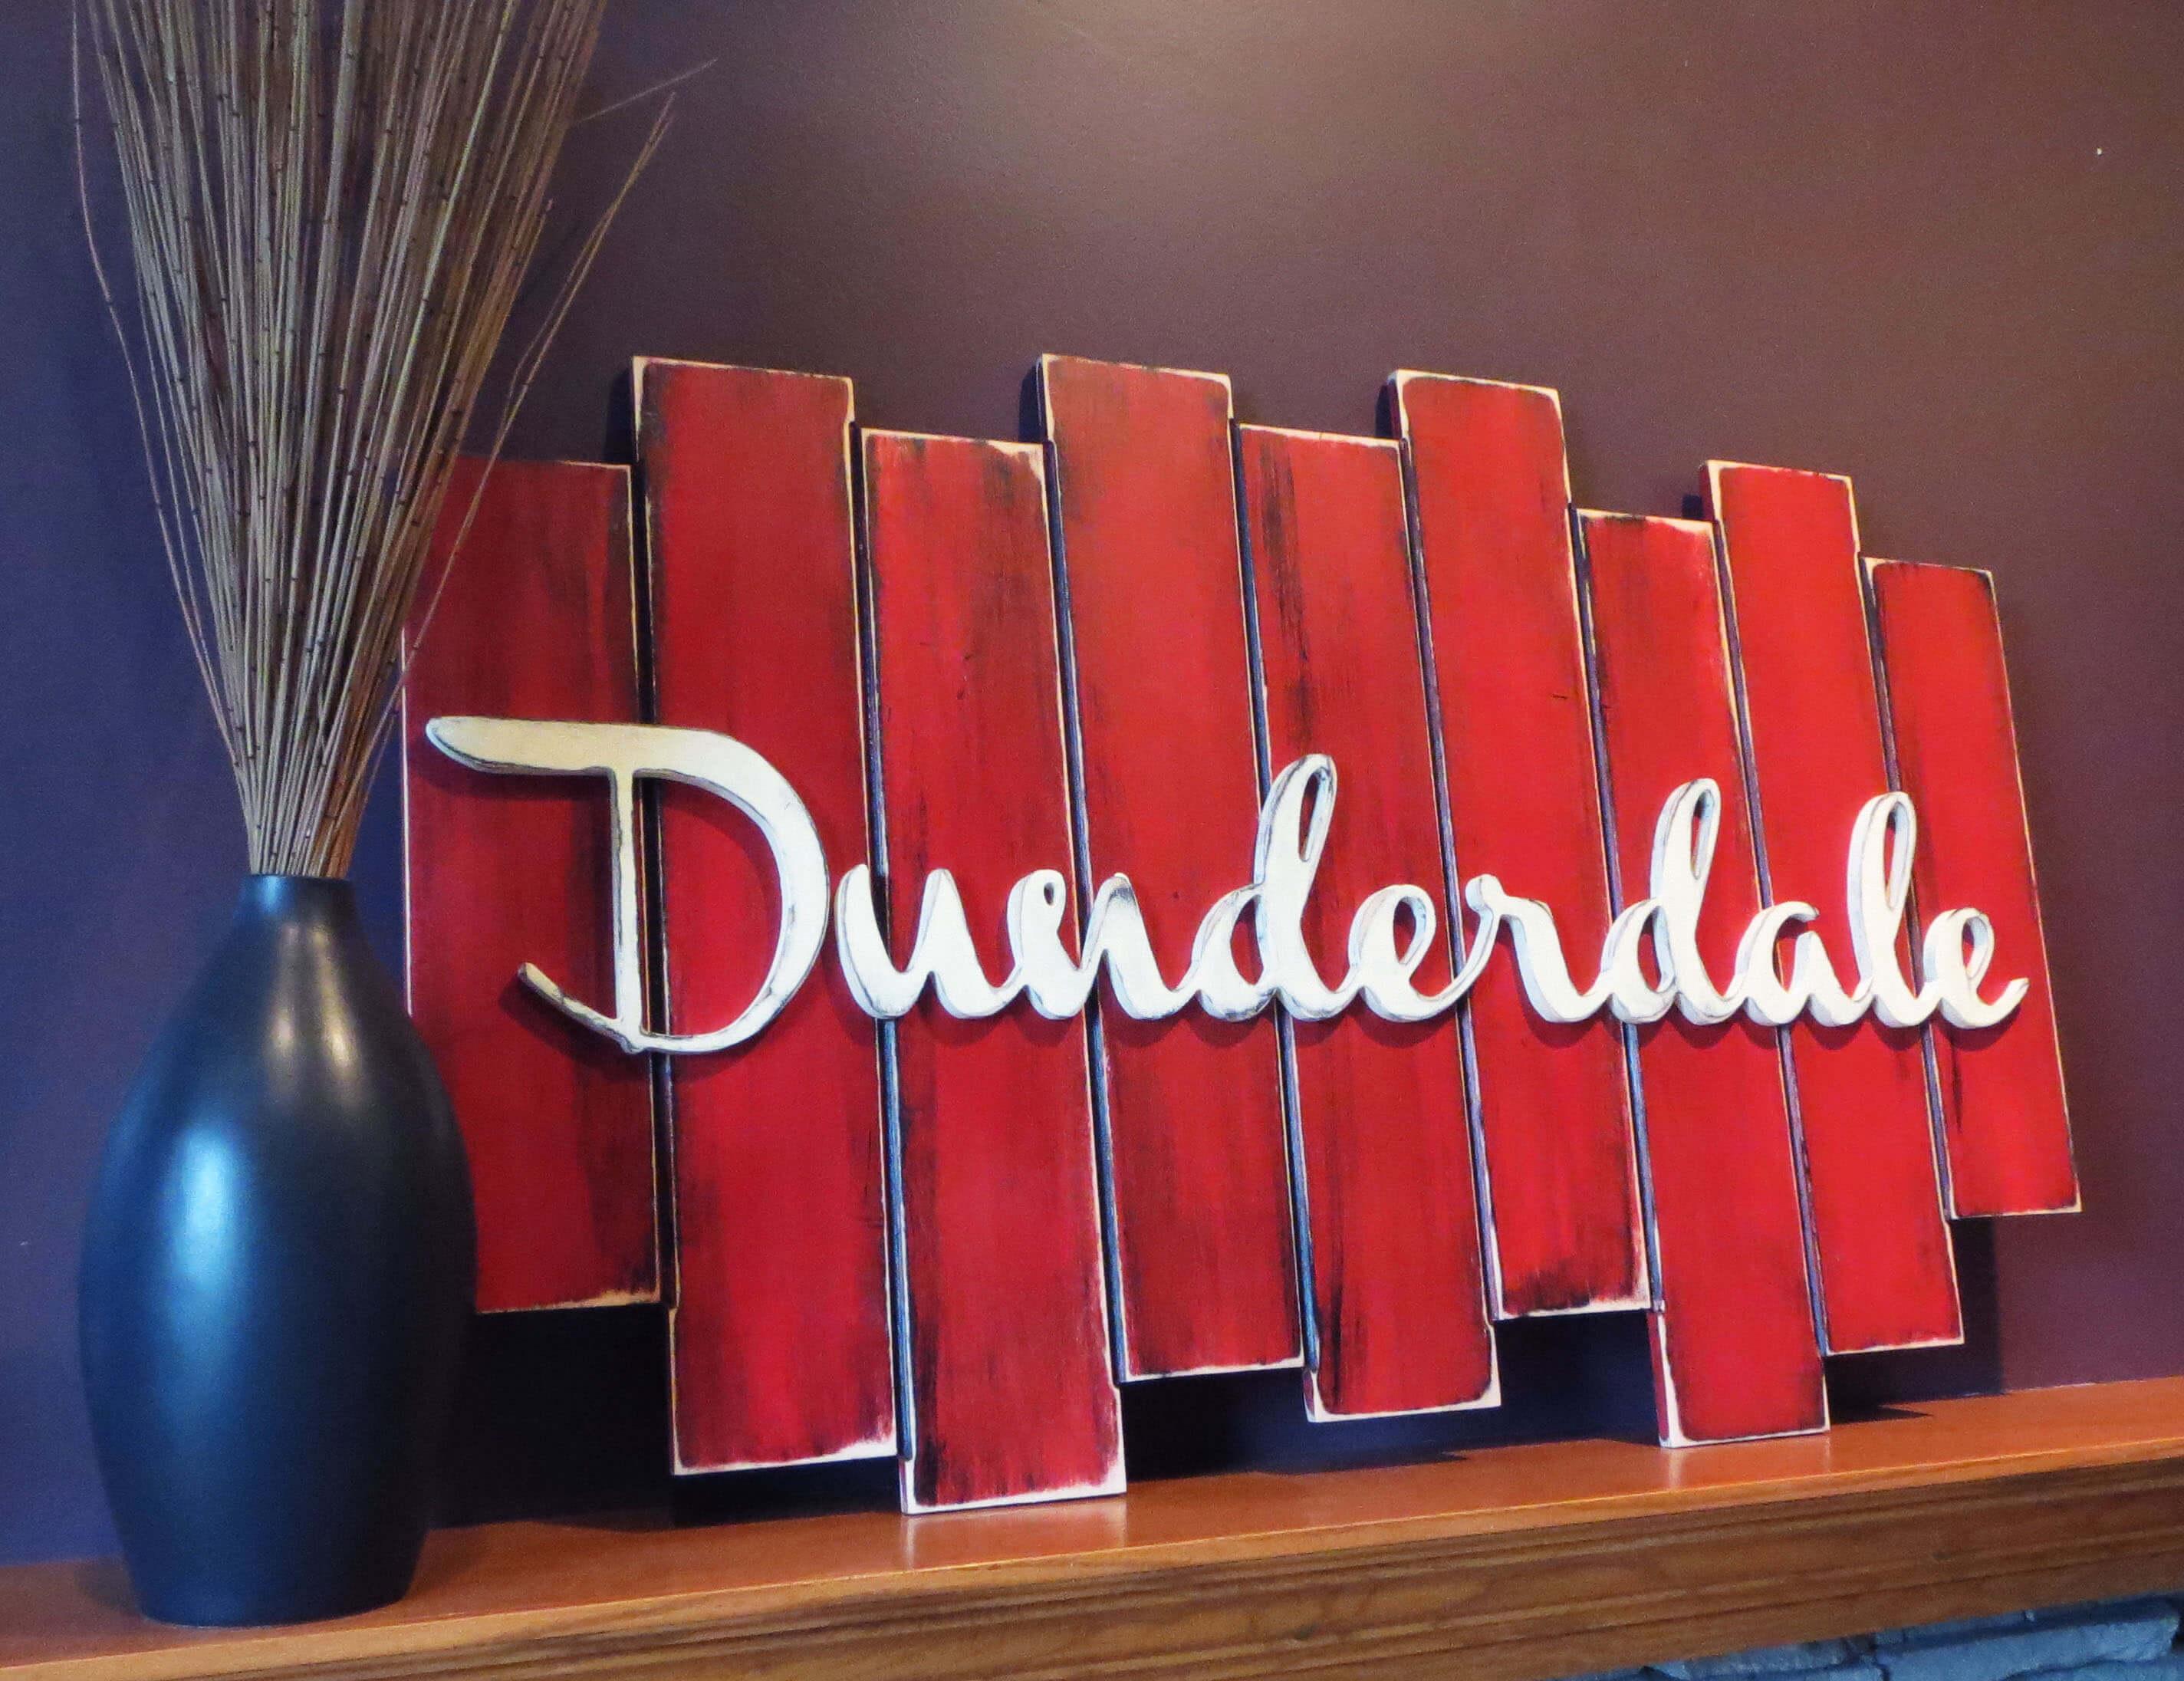 dunderdale-header-image